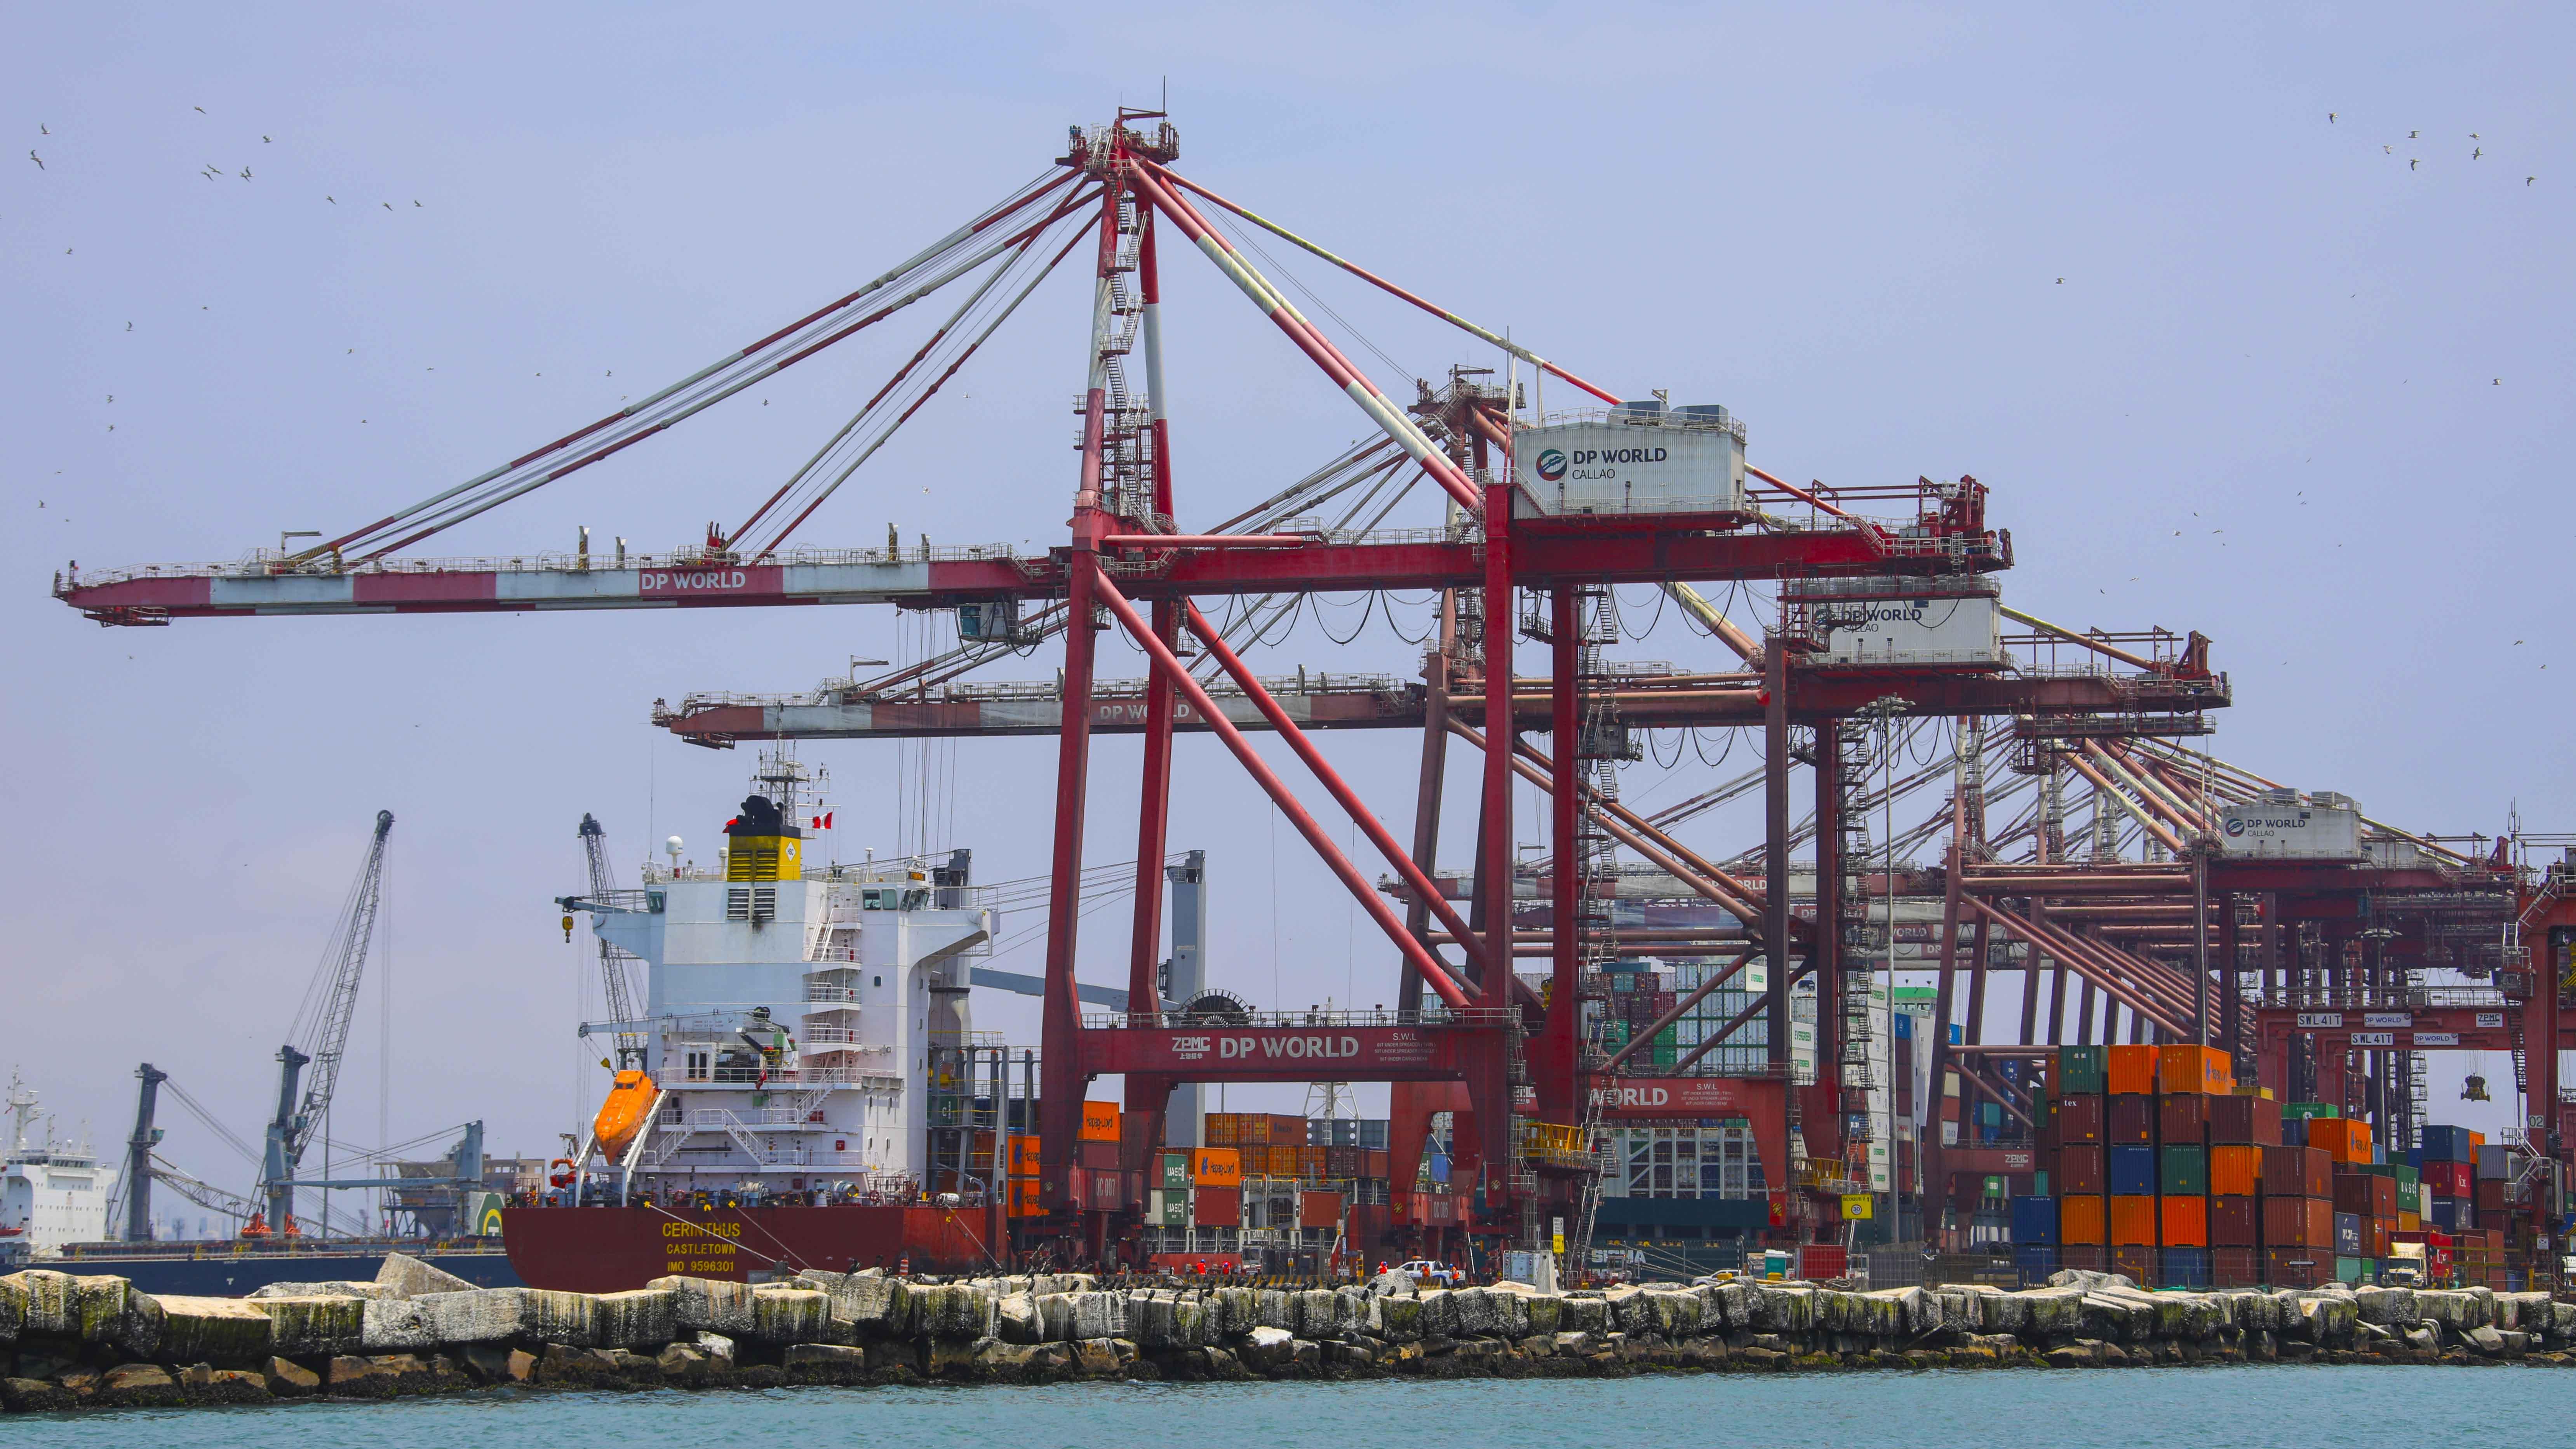 Terminal Portuario del Callao movilizó más de 45 millones de toneladas de carga durante el 2020